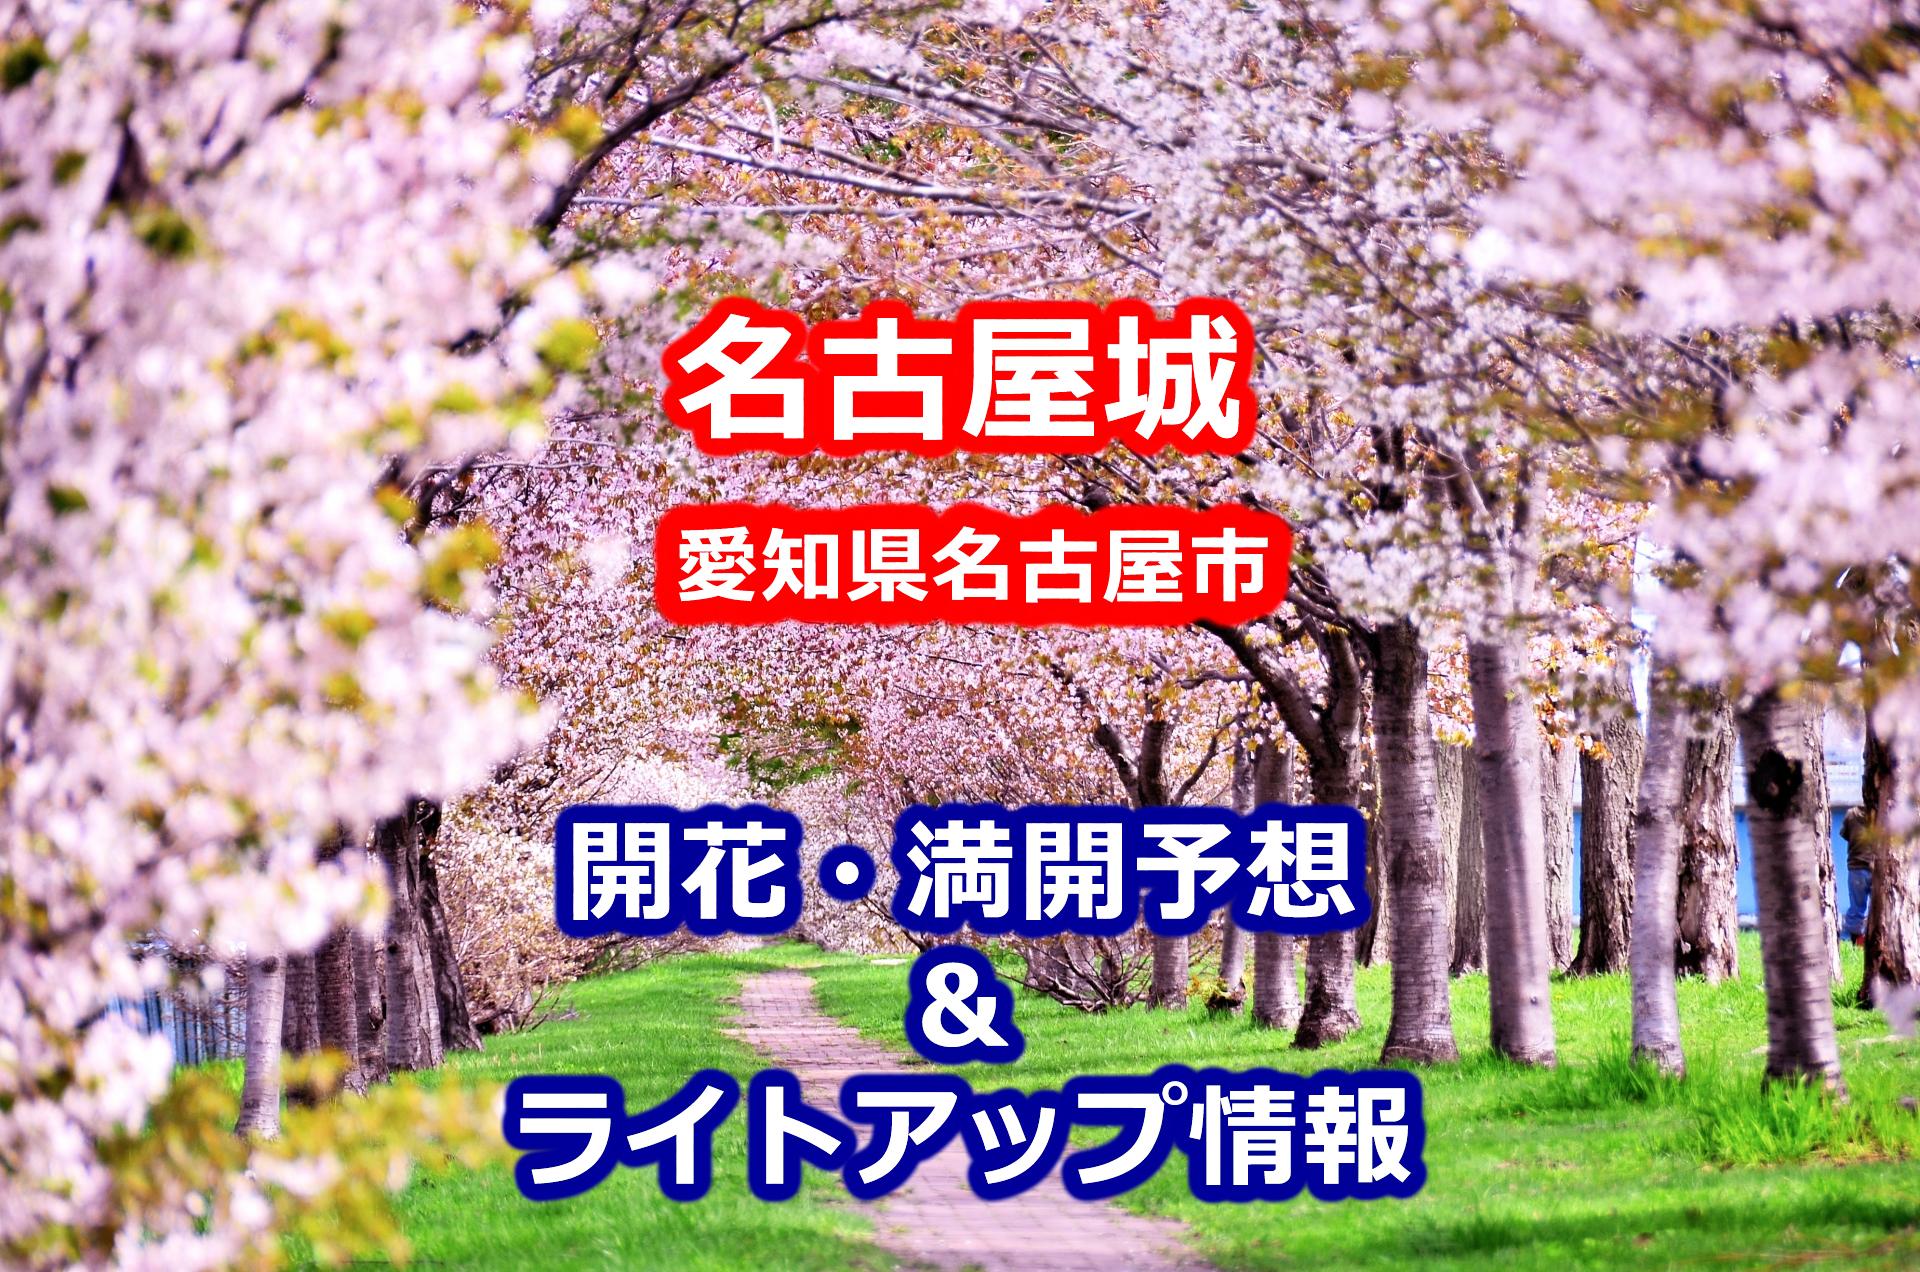 2020名古屋城の桜開花・満開予想とライトアップ情報